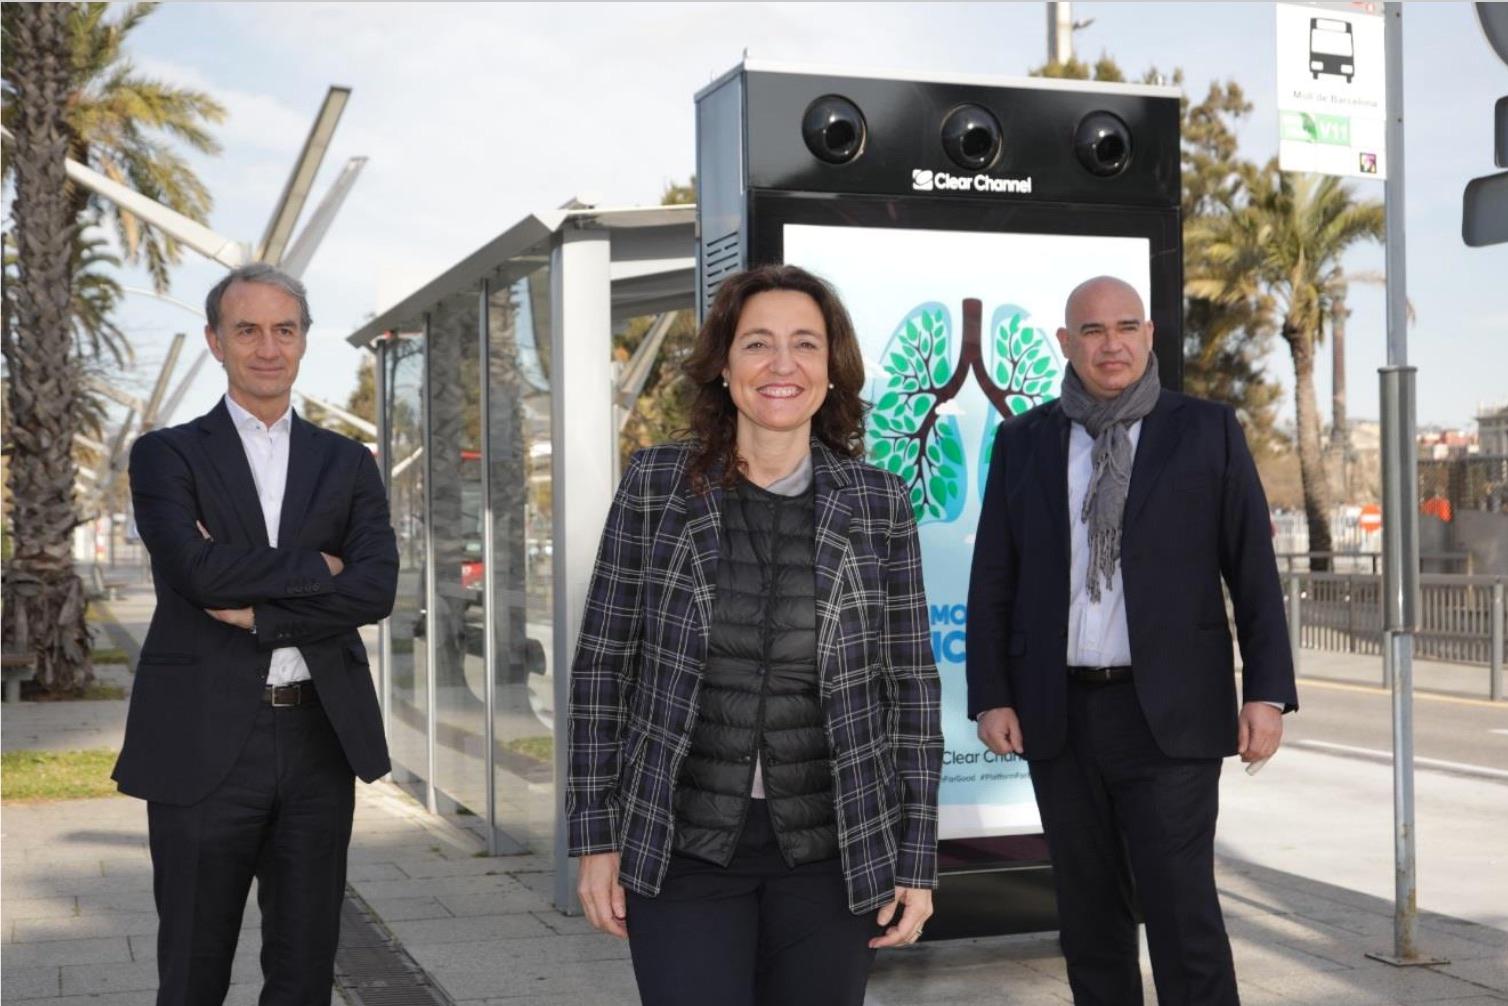 D'esquerra a dreta, el CEO d'Urban Air Purifier, Joaquín Cusí; la presidenta del Port de Barcelona; Mercè Conesa; i el market leaderdel sud d'Europa de Clear Channel, Jordi Sáez.